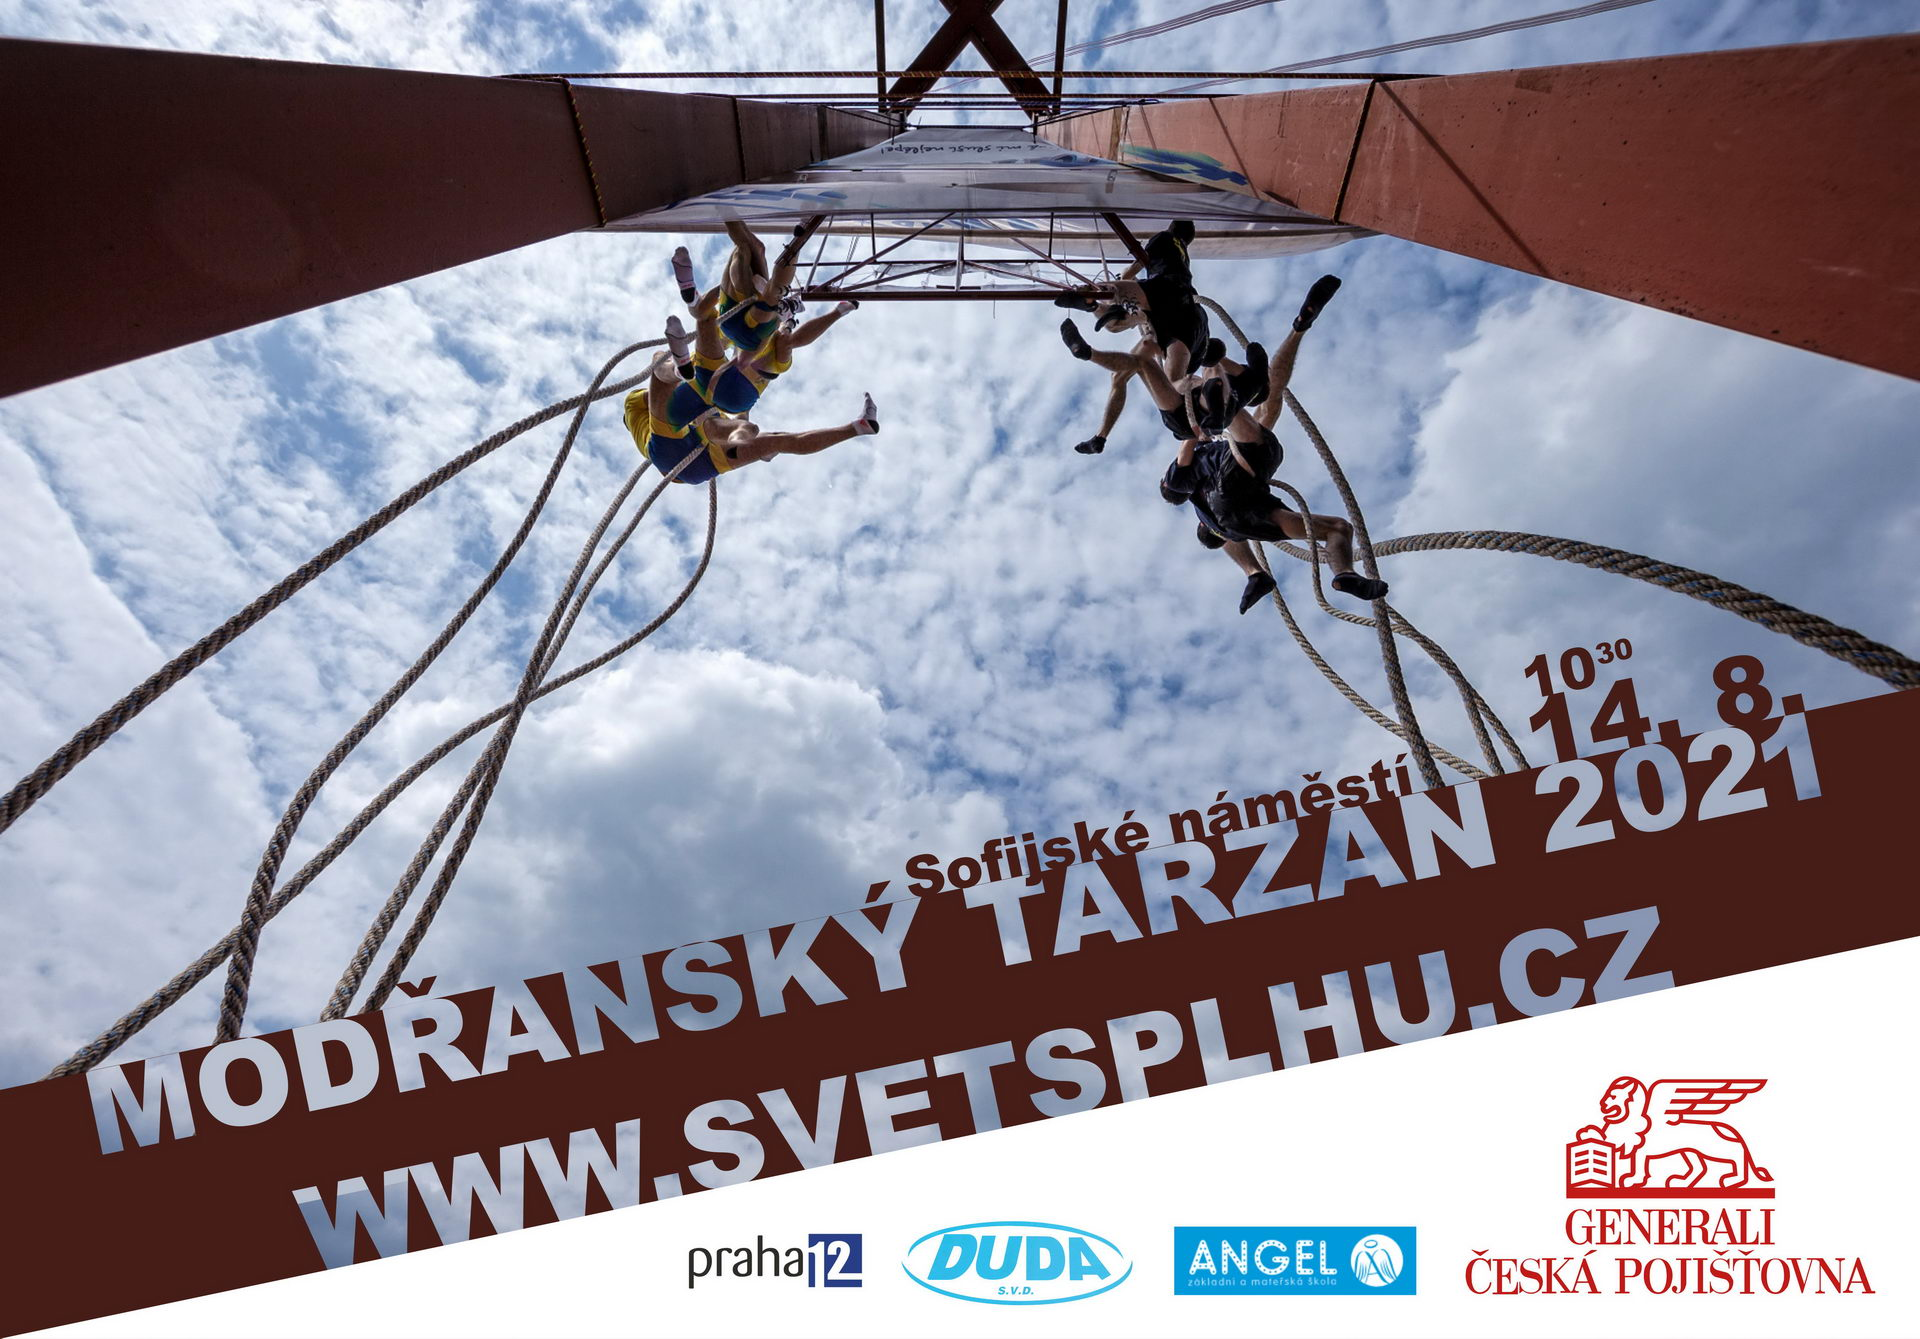 VC Modřanský Tarzan 2021 - Plakát